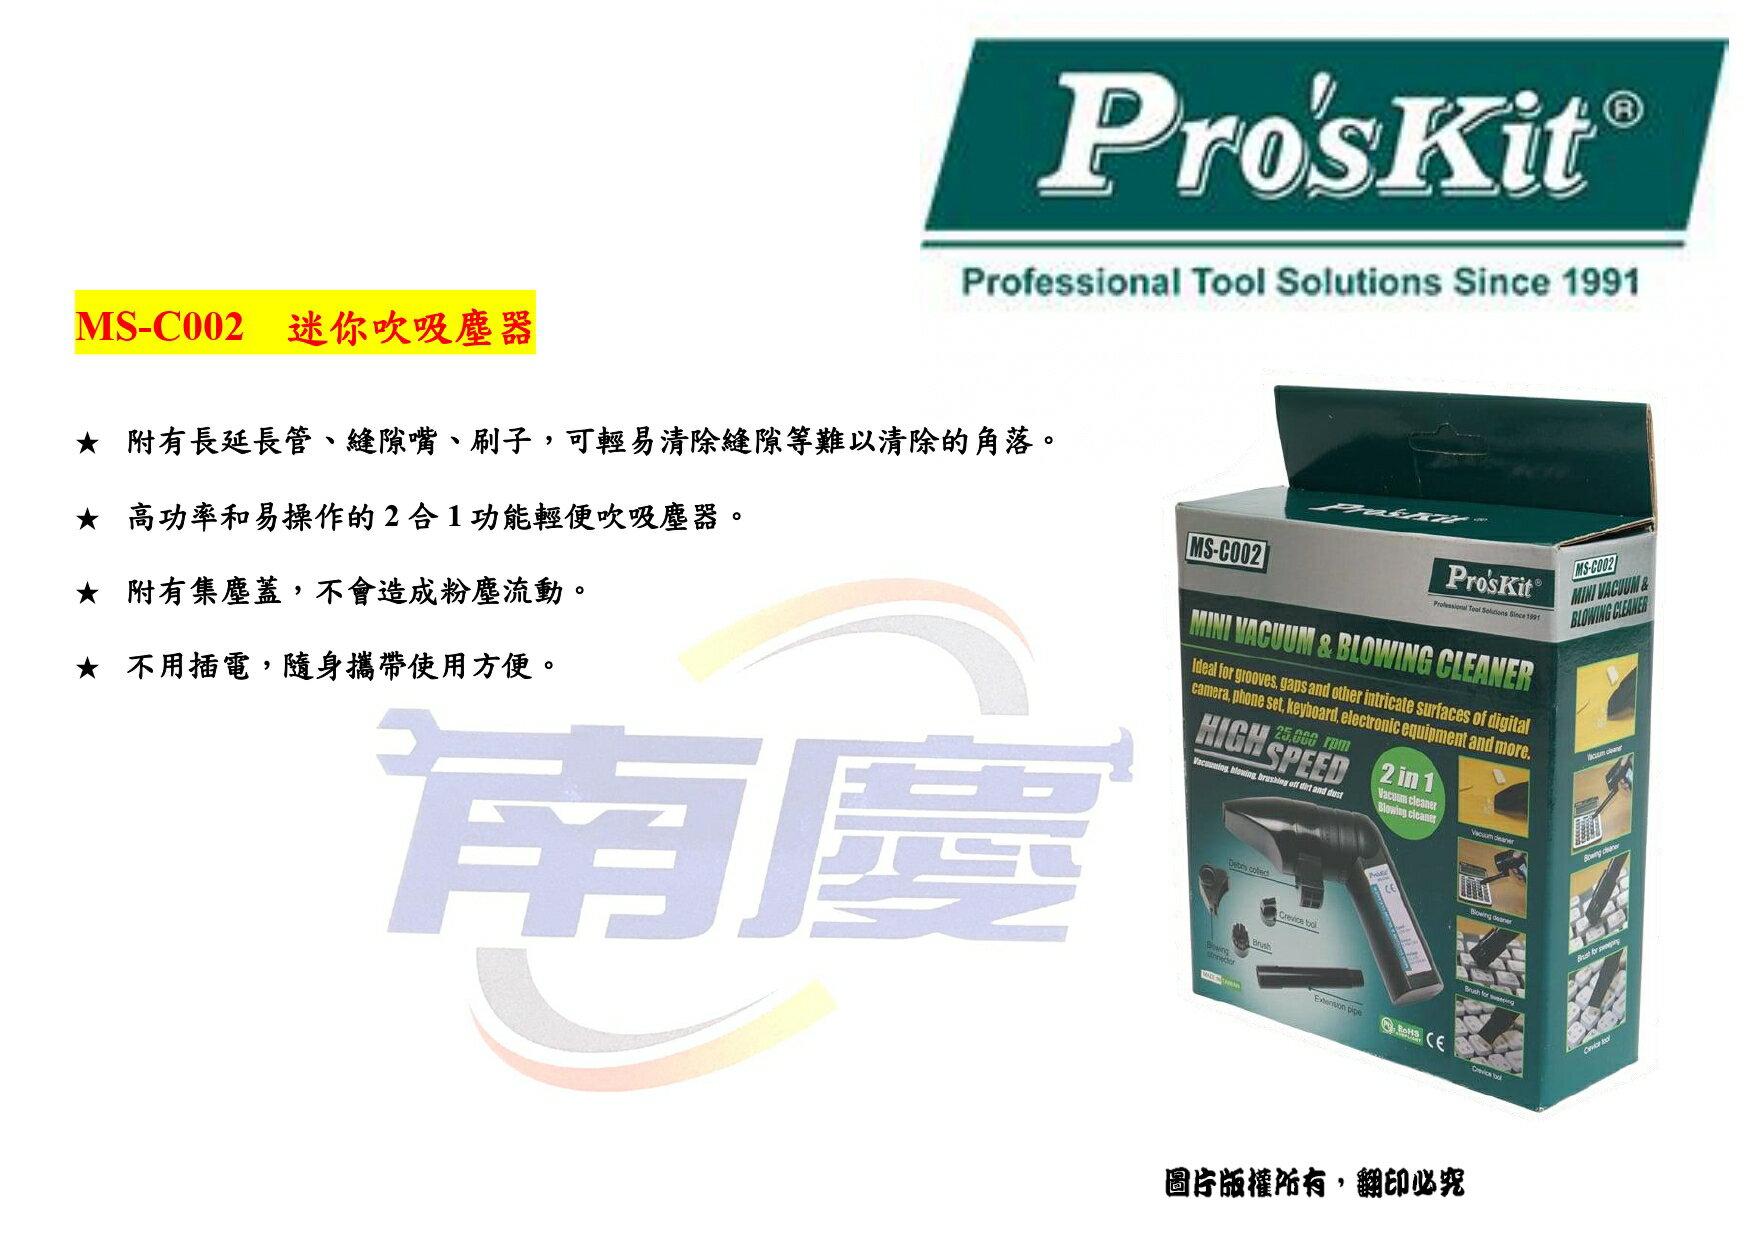 南慶五金 Pro'skit  迷你吹吸塵器